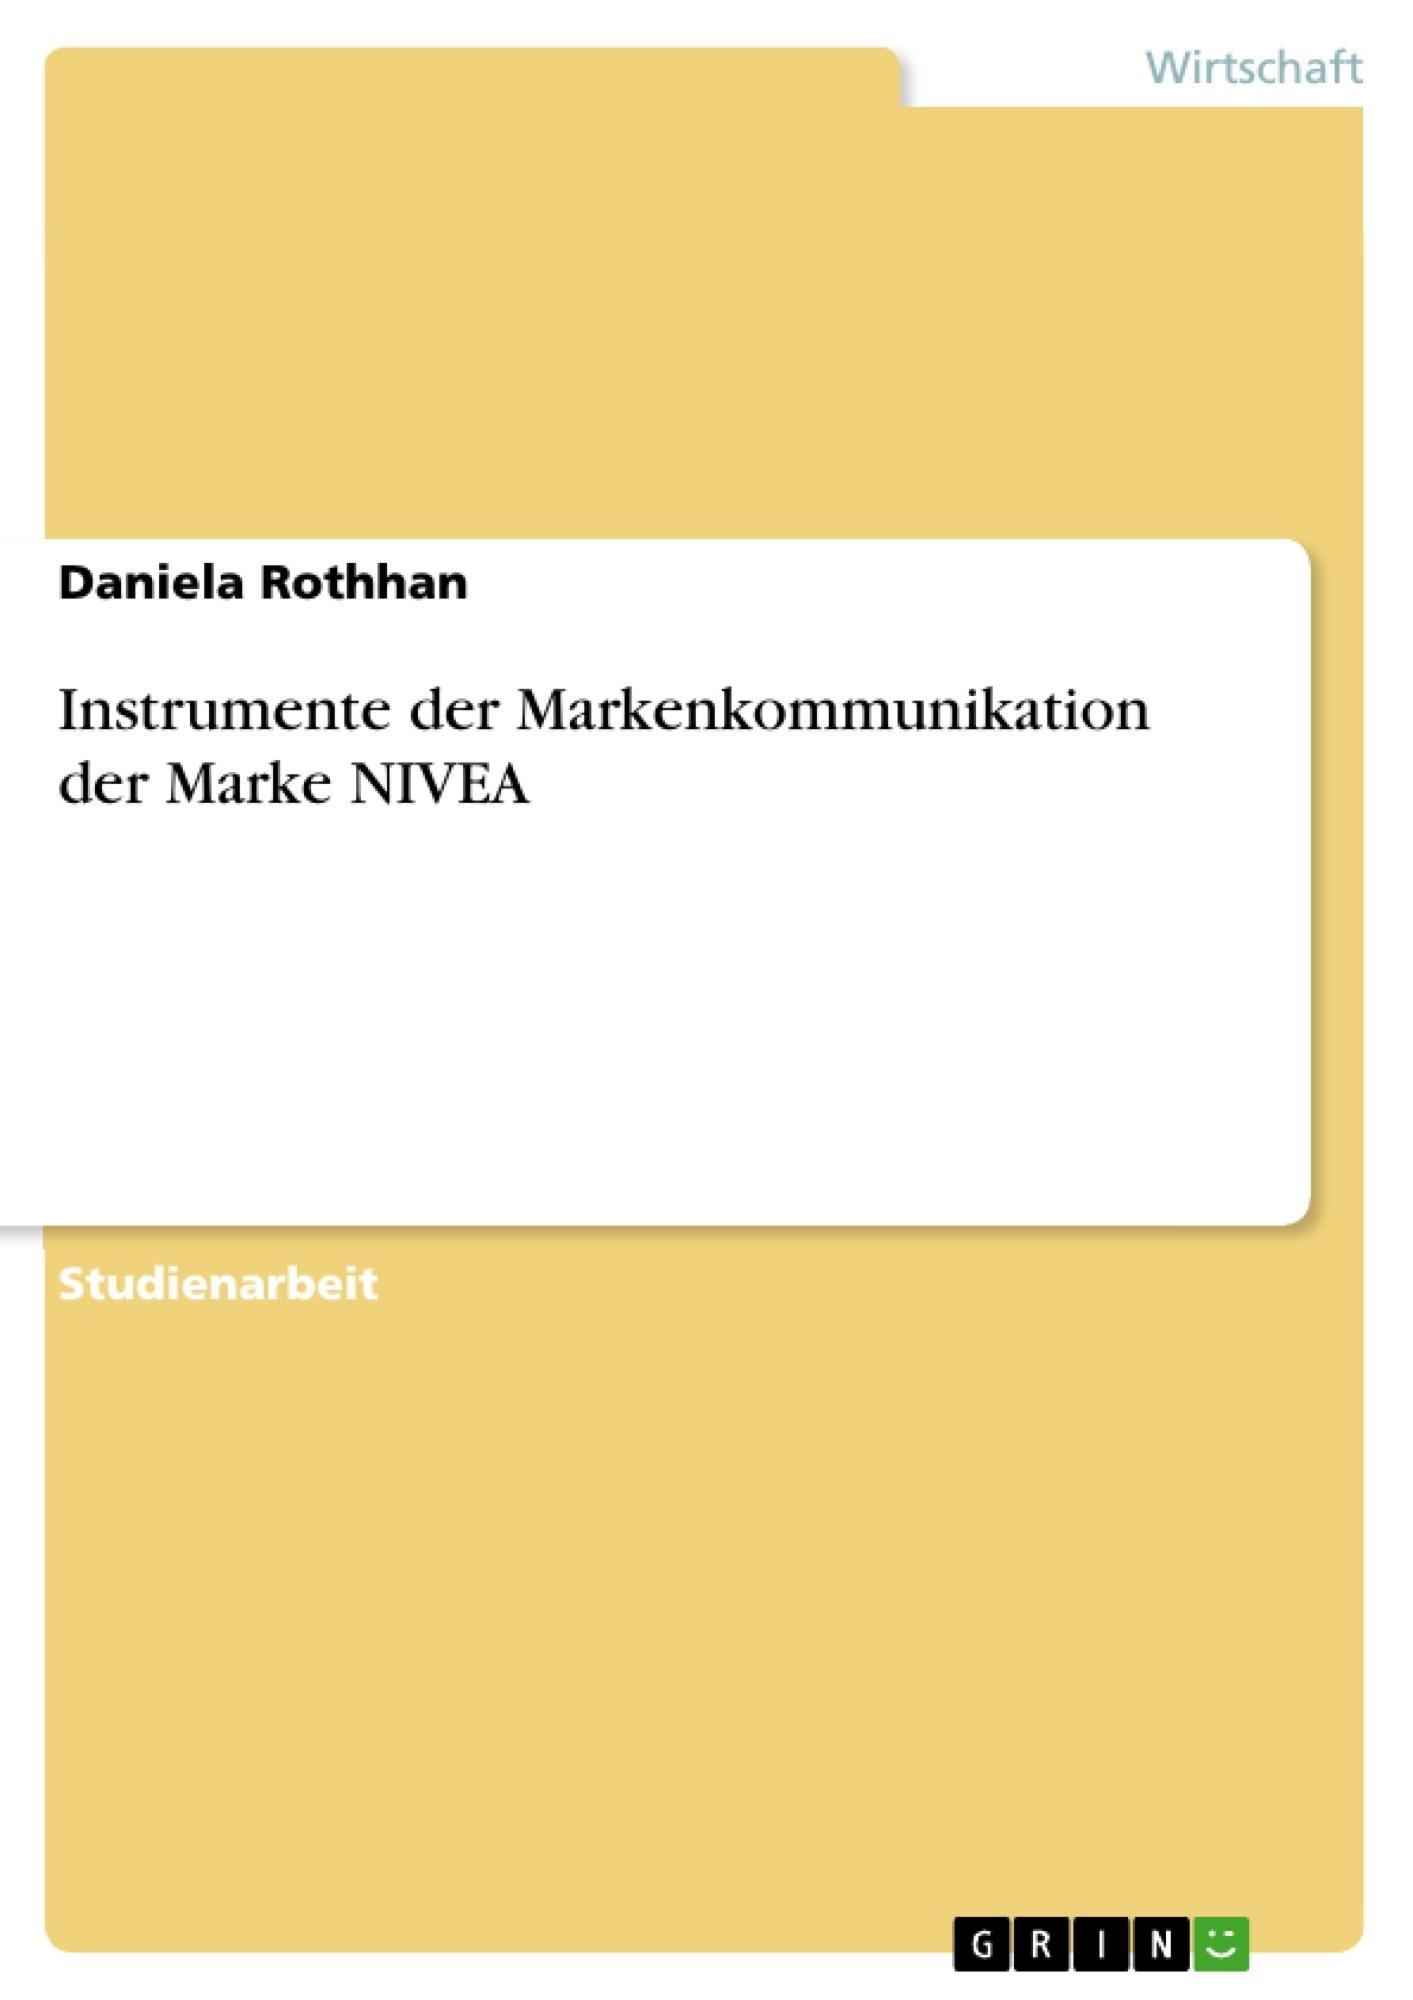 Titel: Instrumente der Markenkommunikation der Marke NIVEA